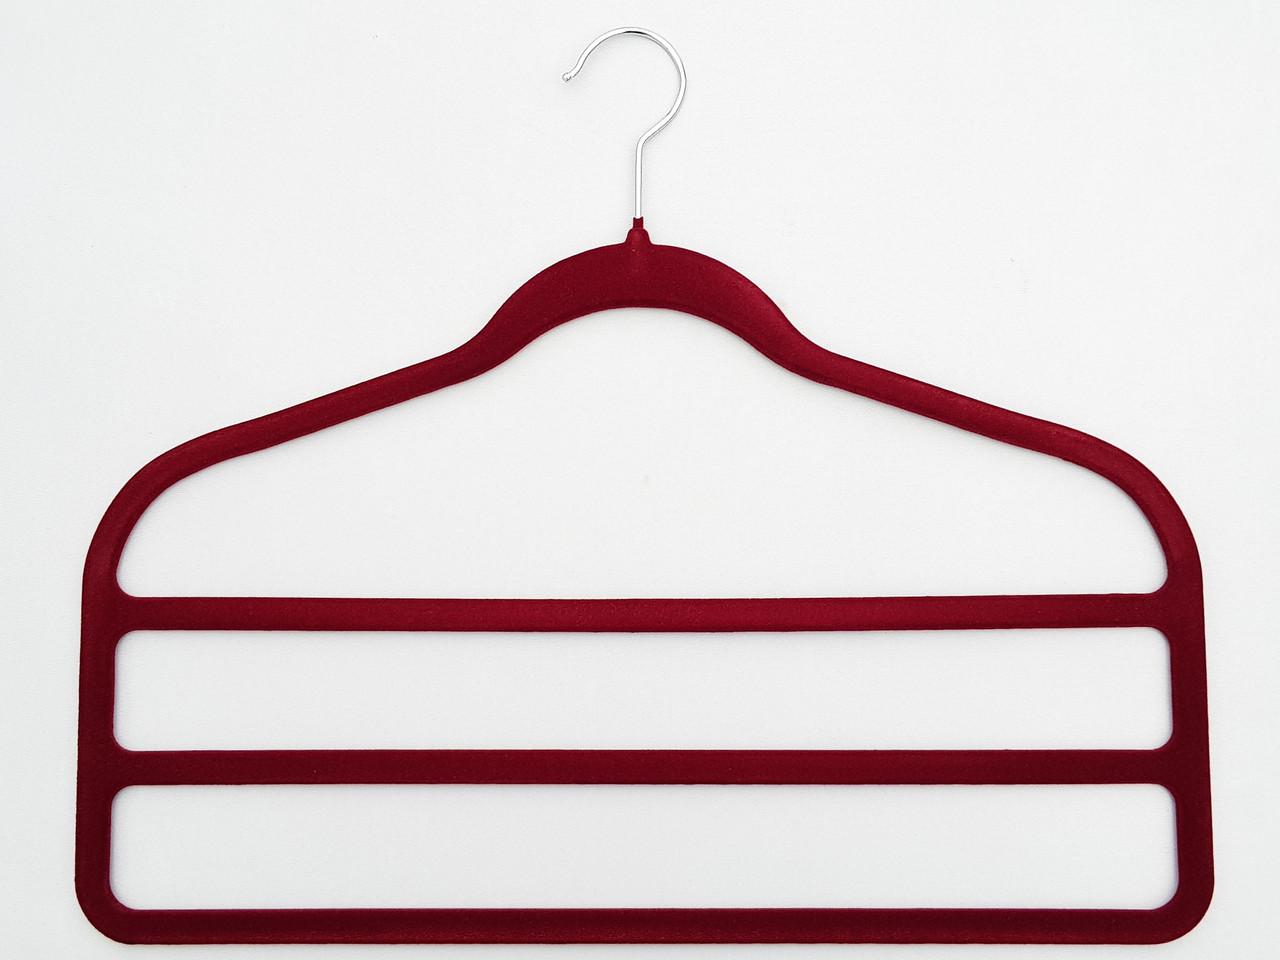 Плечики для брюк флокированныебардового цвета лестница 3-ехярусная, длина 45см